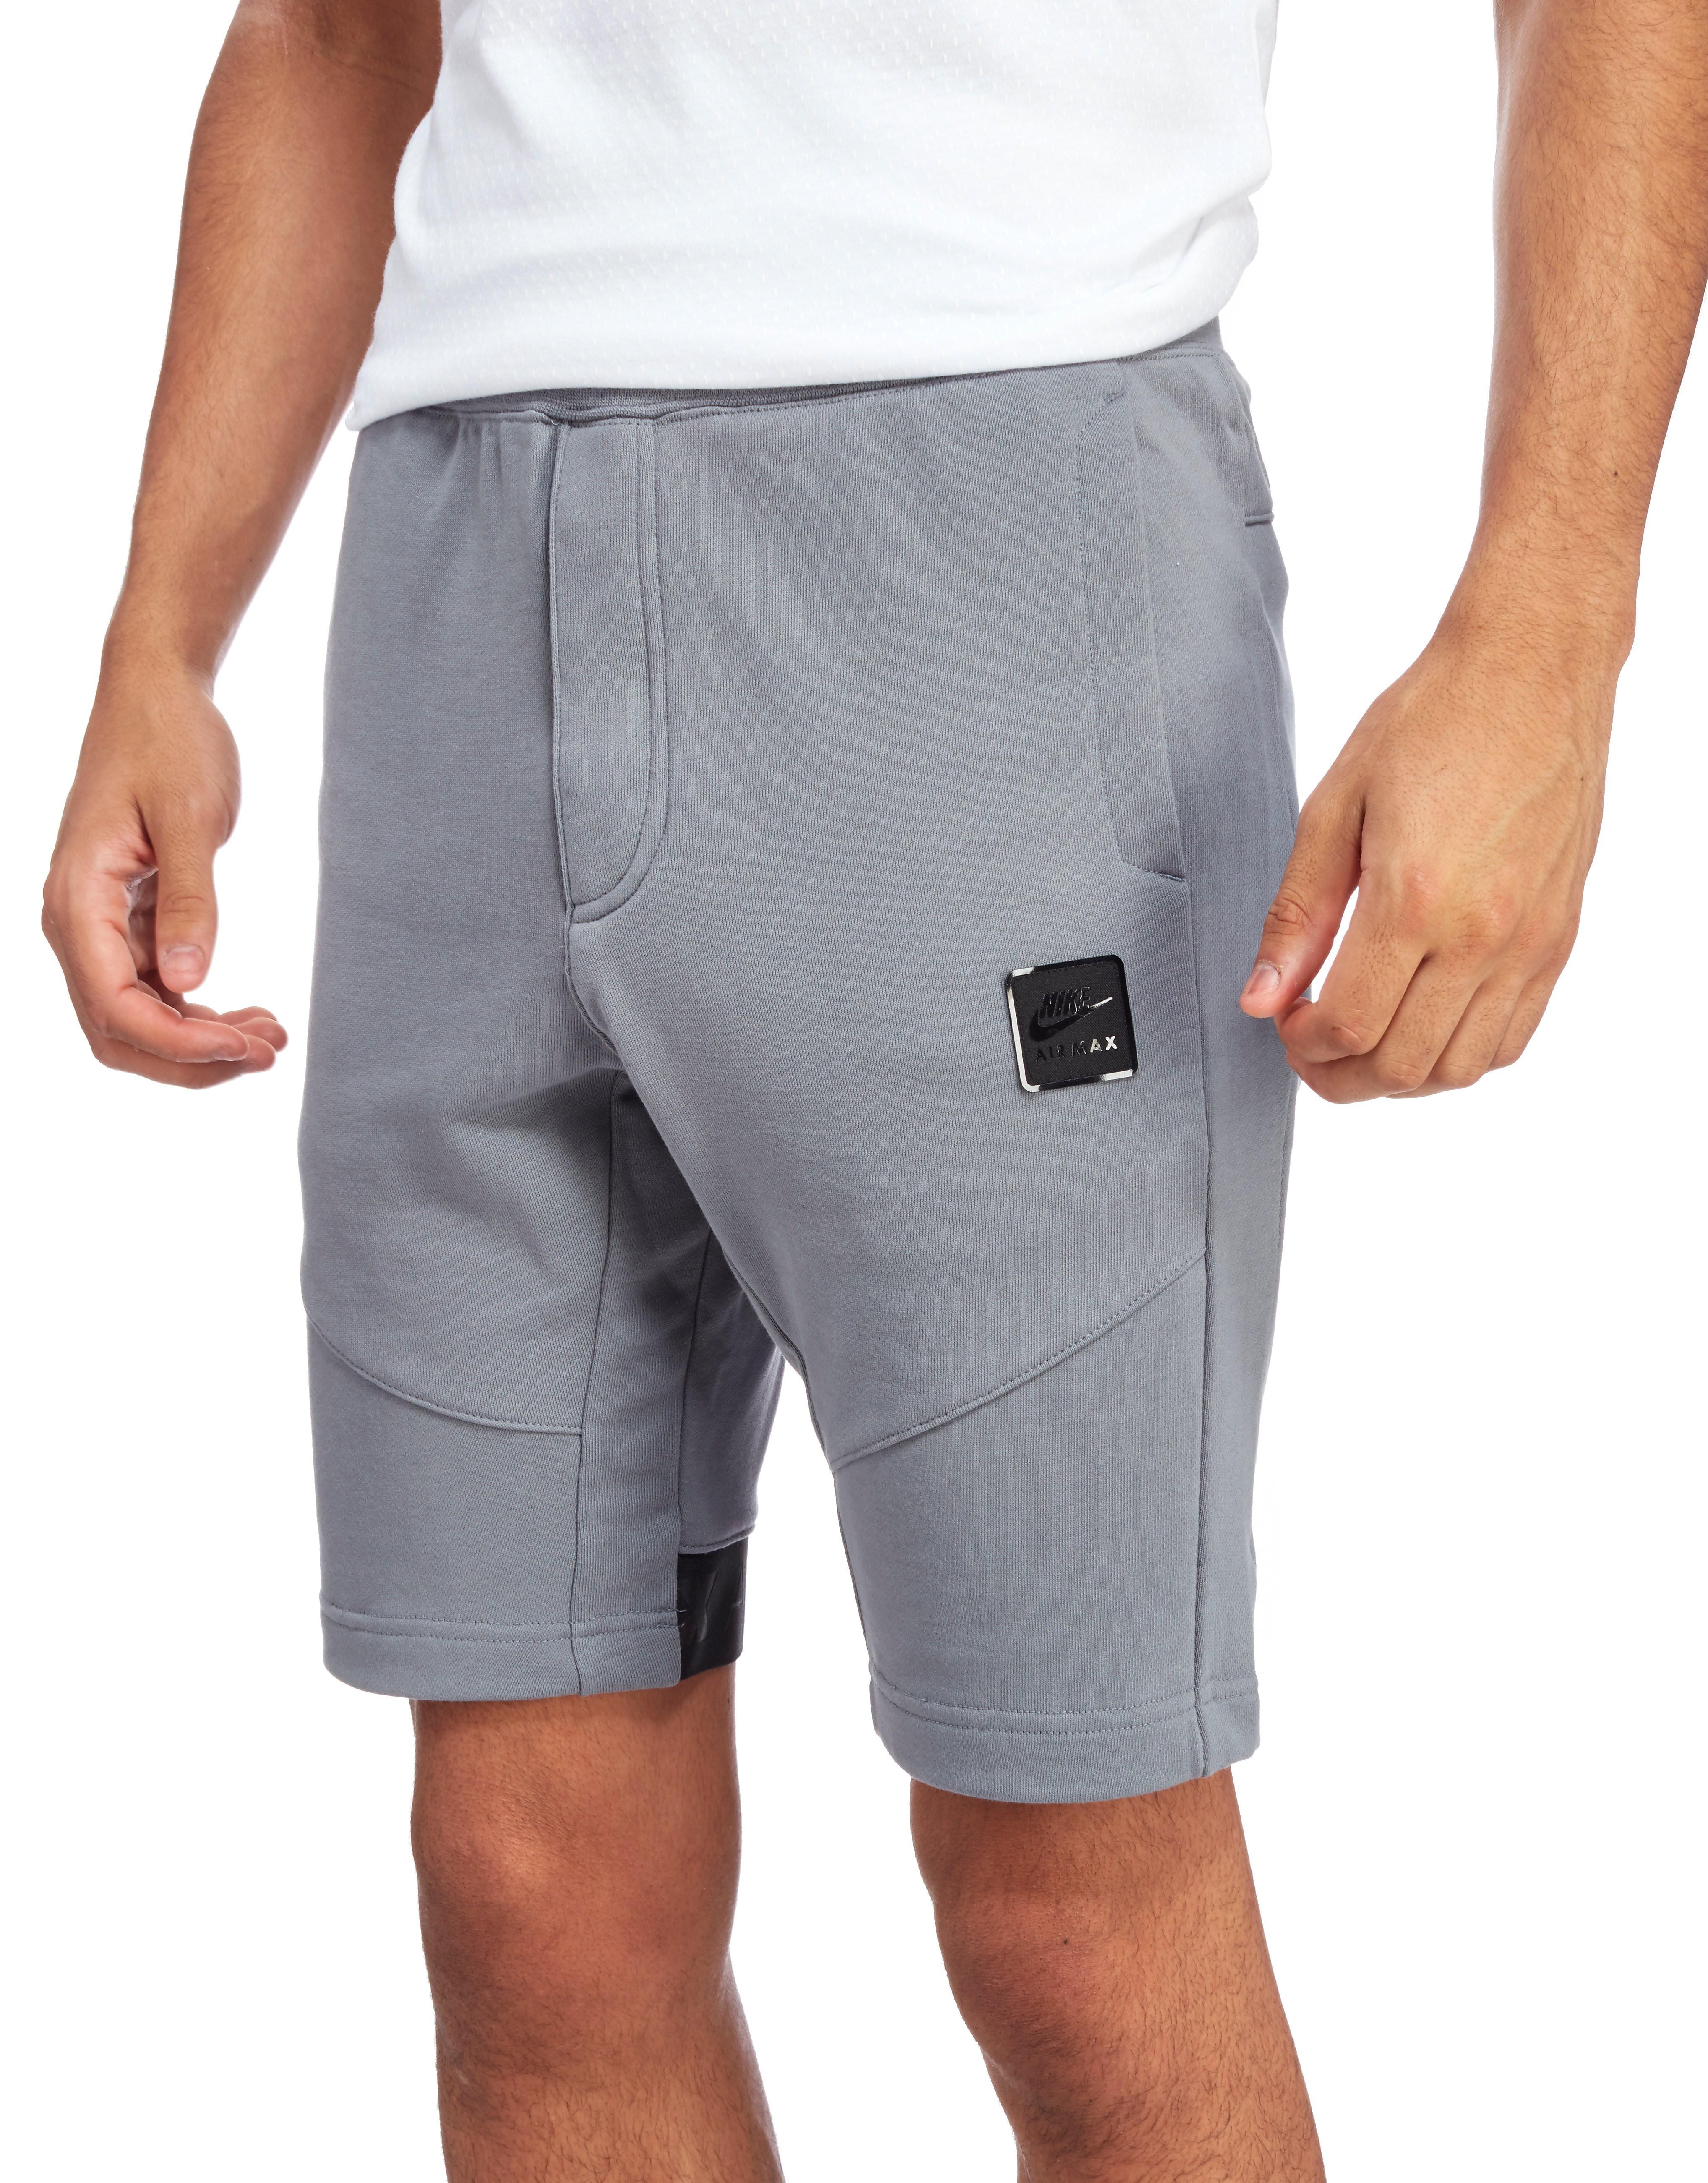 Nike Air Max Shorts Charcoal Grey Mens Sports King Store